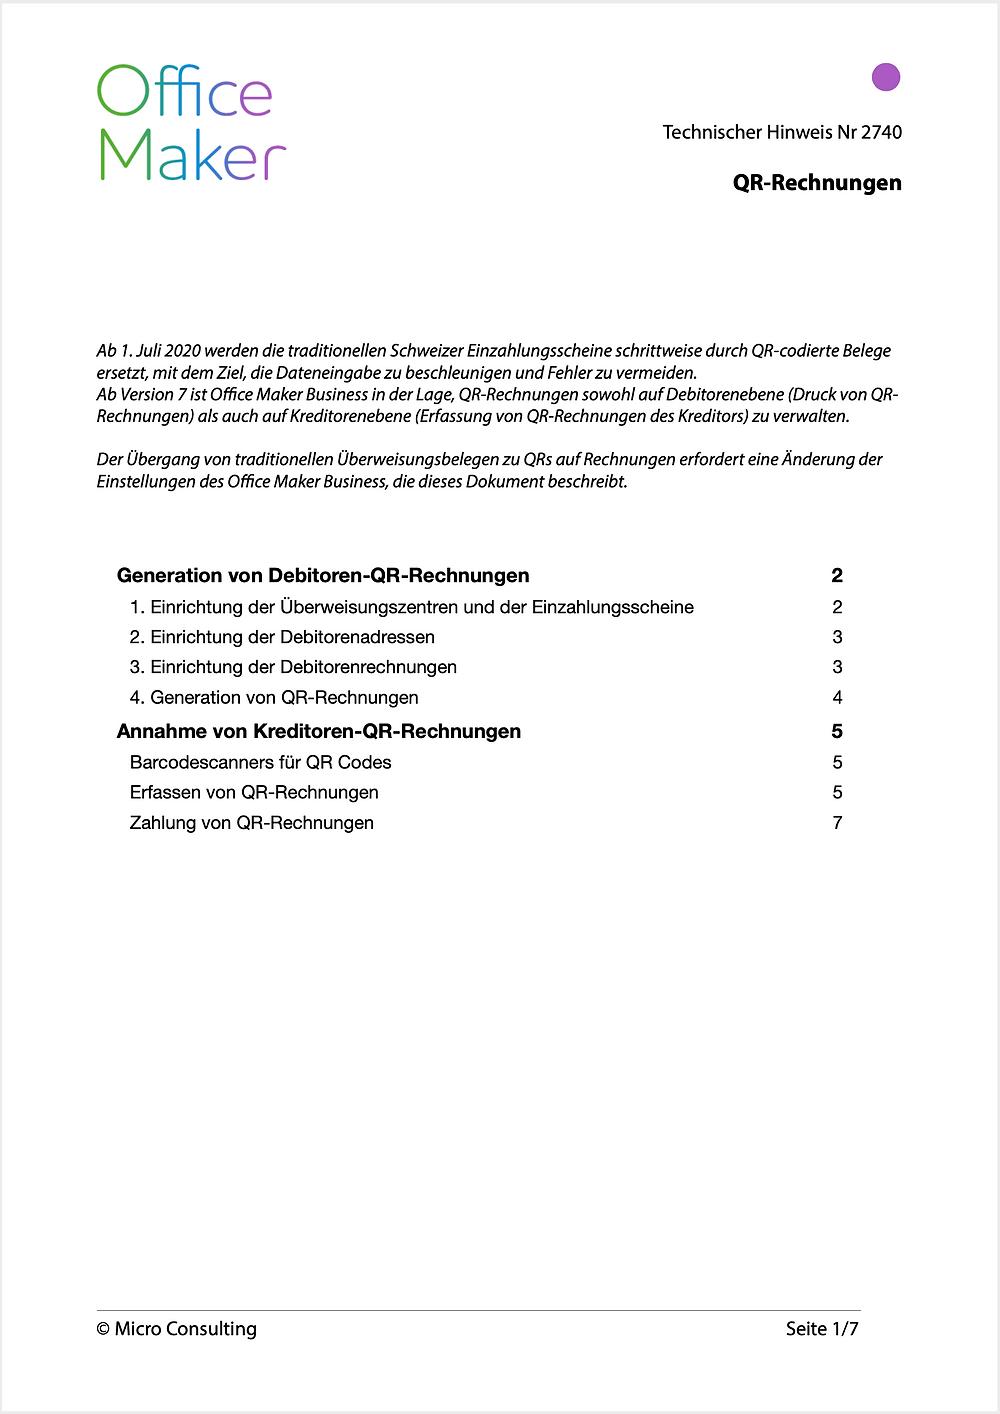 Technischer Hinweis QR-Rechnungen